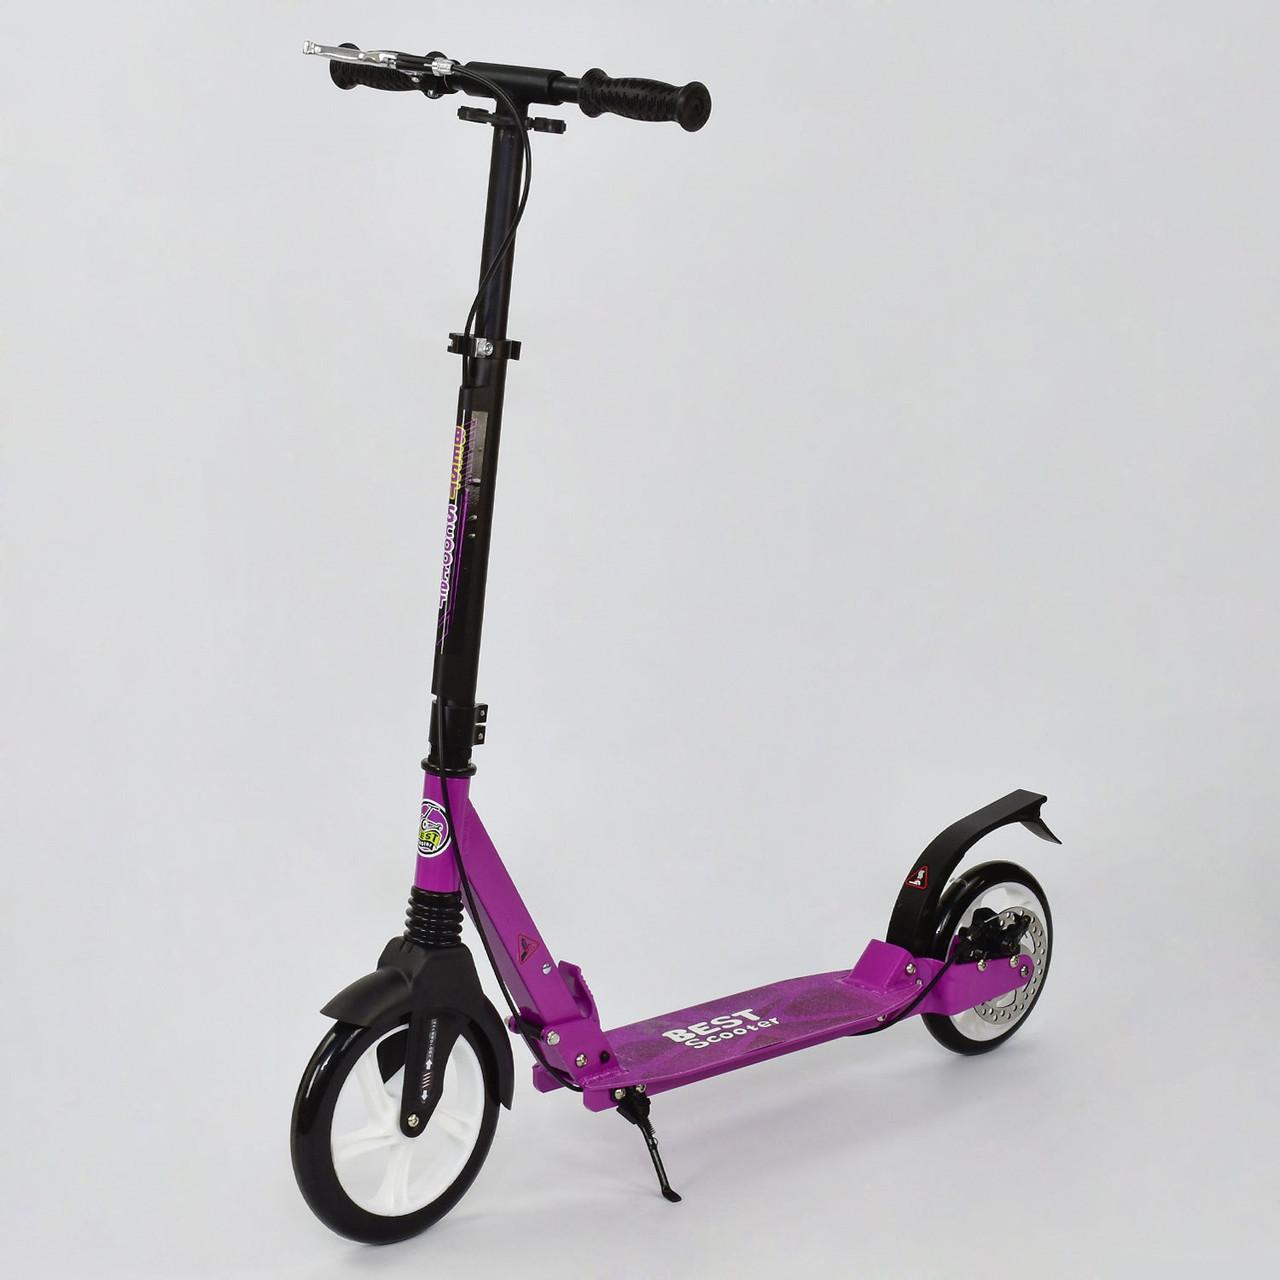 Самокат алюминиевый S 00149 розовый колёса PU, переднего-23 см, заднего - 20 см, 2 амортизатора дисковый тормо